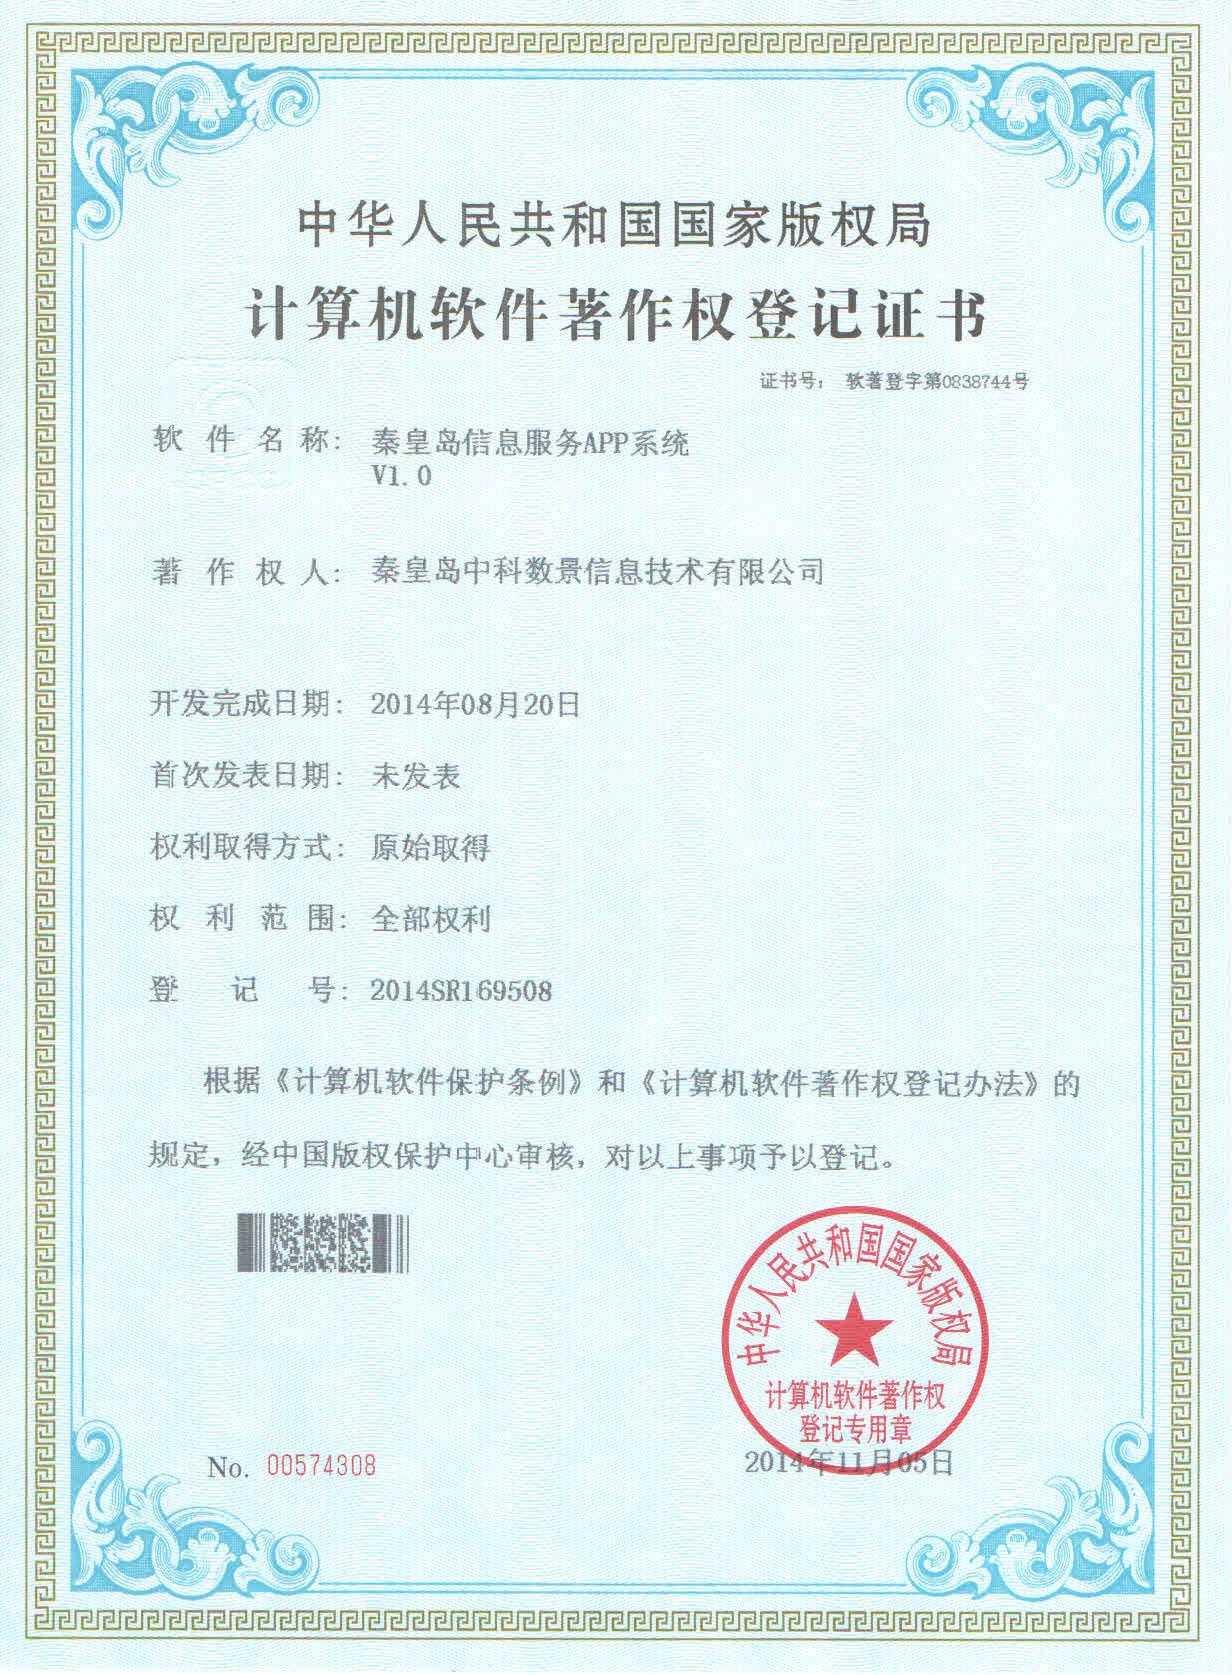 秦皇岛信息服务APP系统软件著作权